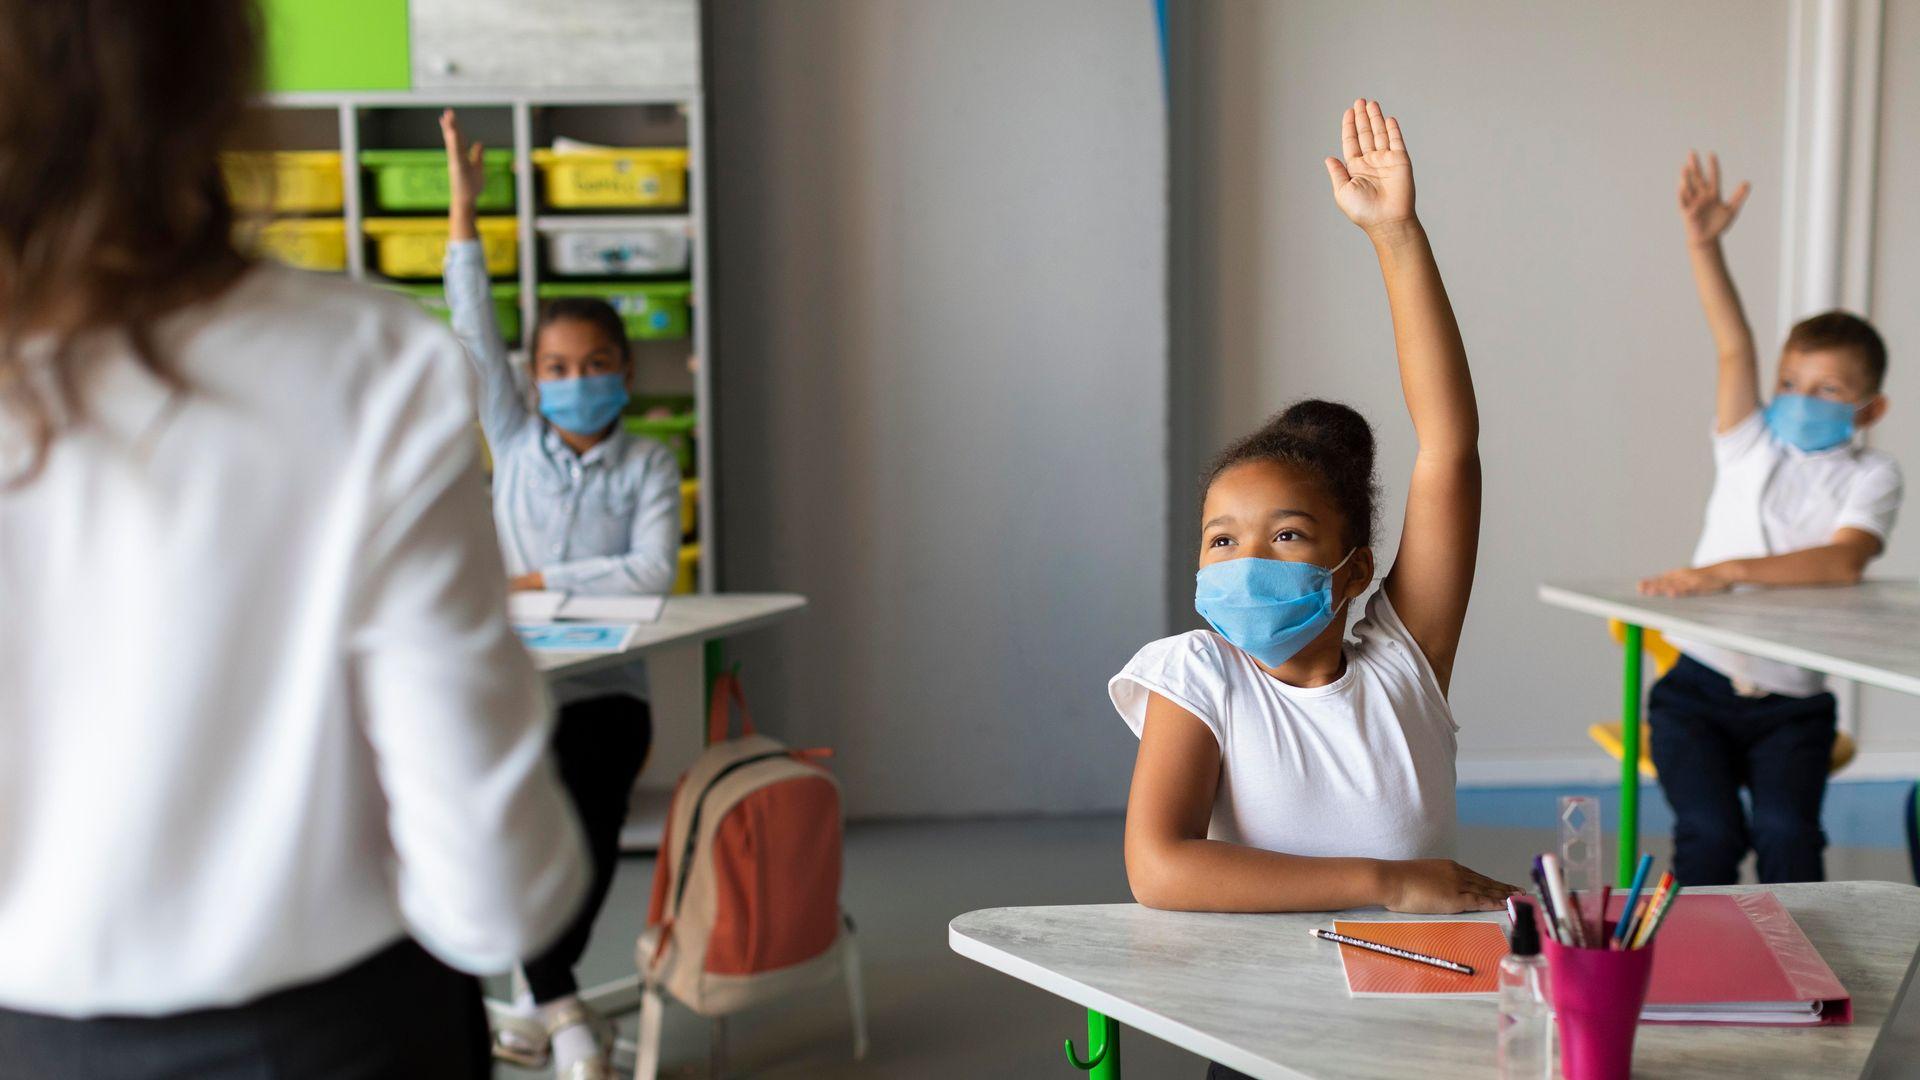 Novo protocolos exigem que alunos e professores fiquem de máscara e mantenham distanciamento